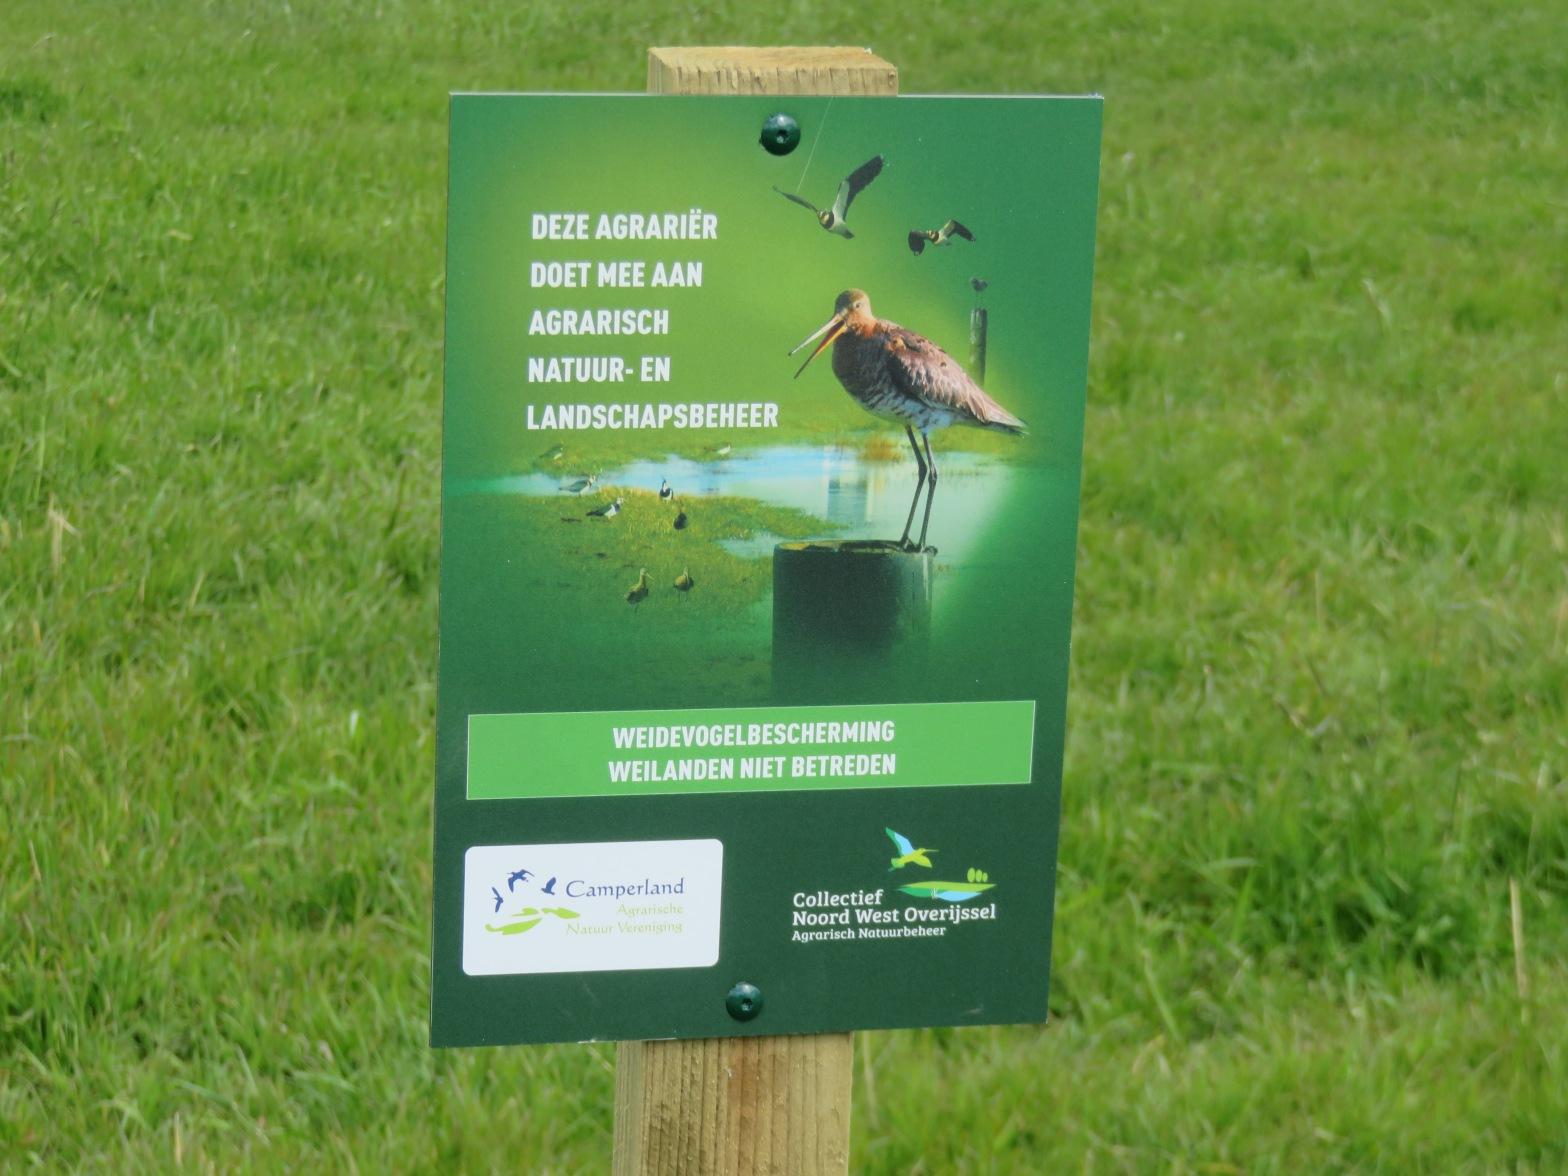 Camperland Agrarische Natuurvereniging